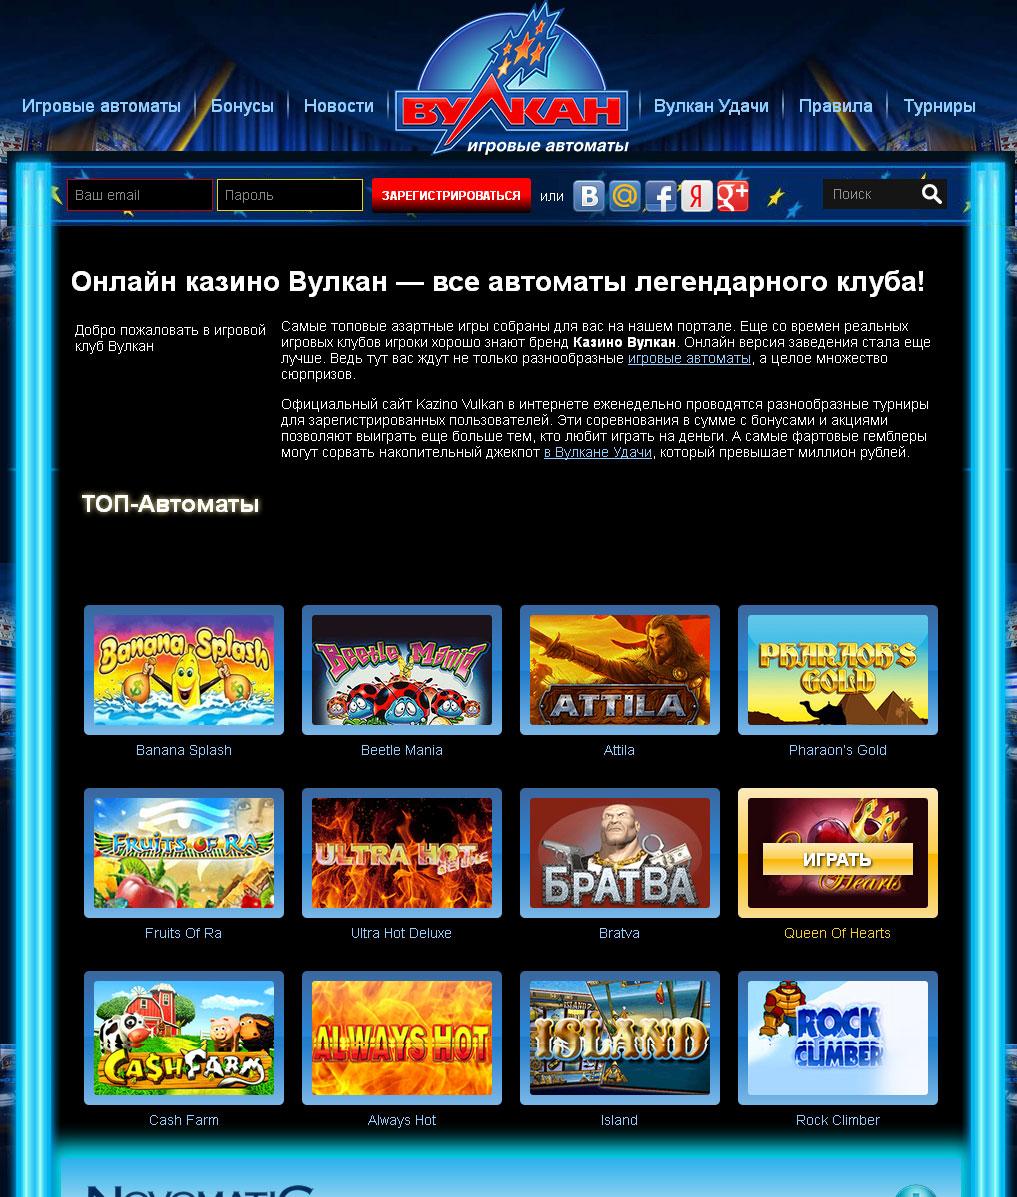 Онлайн казино Олигарх